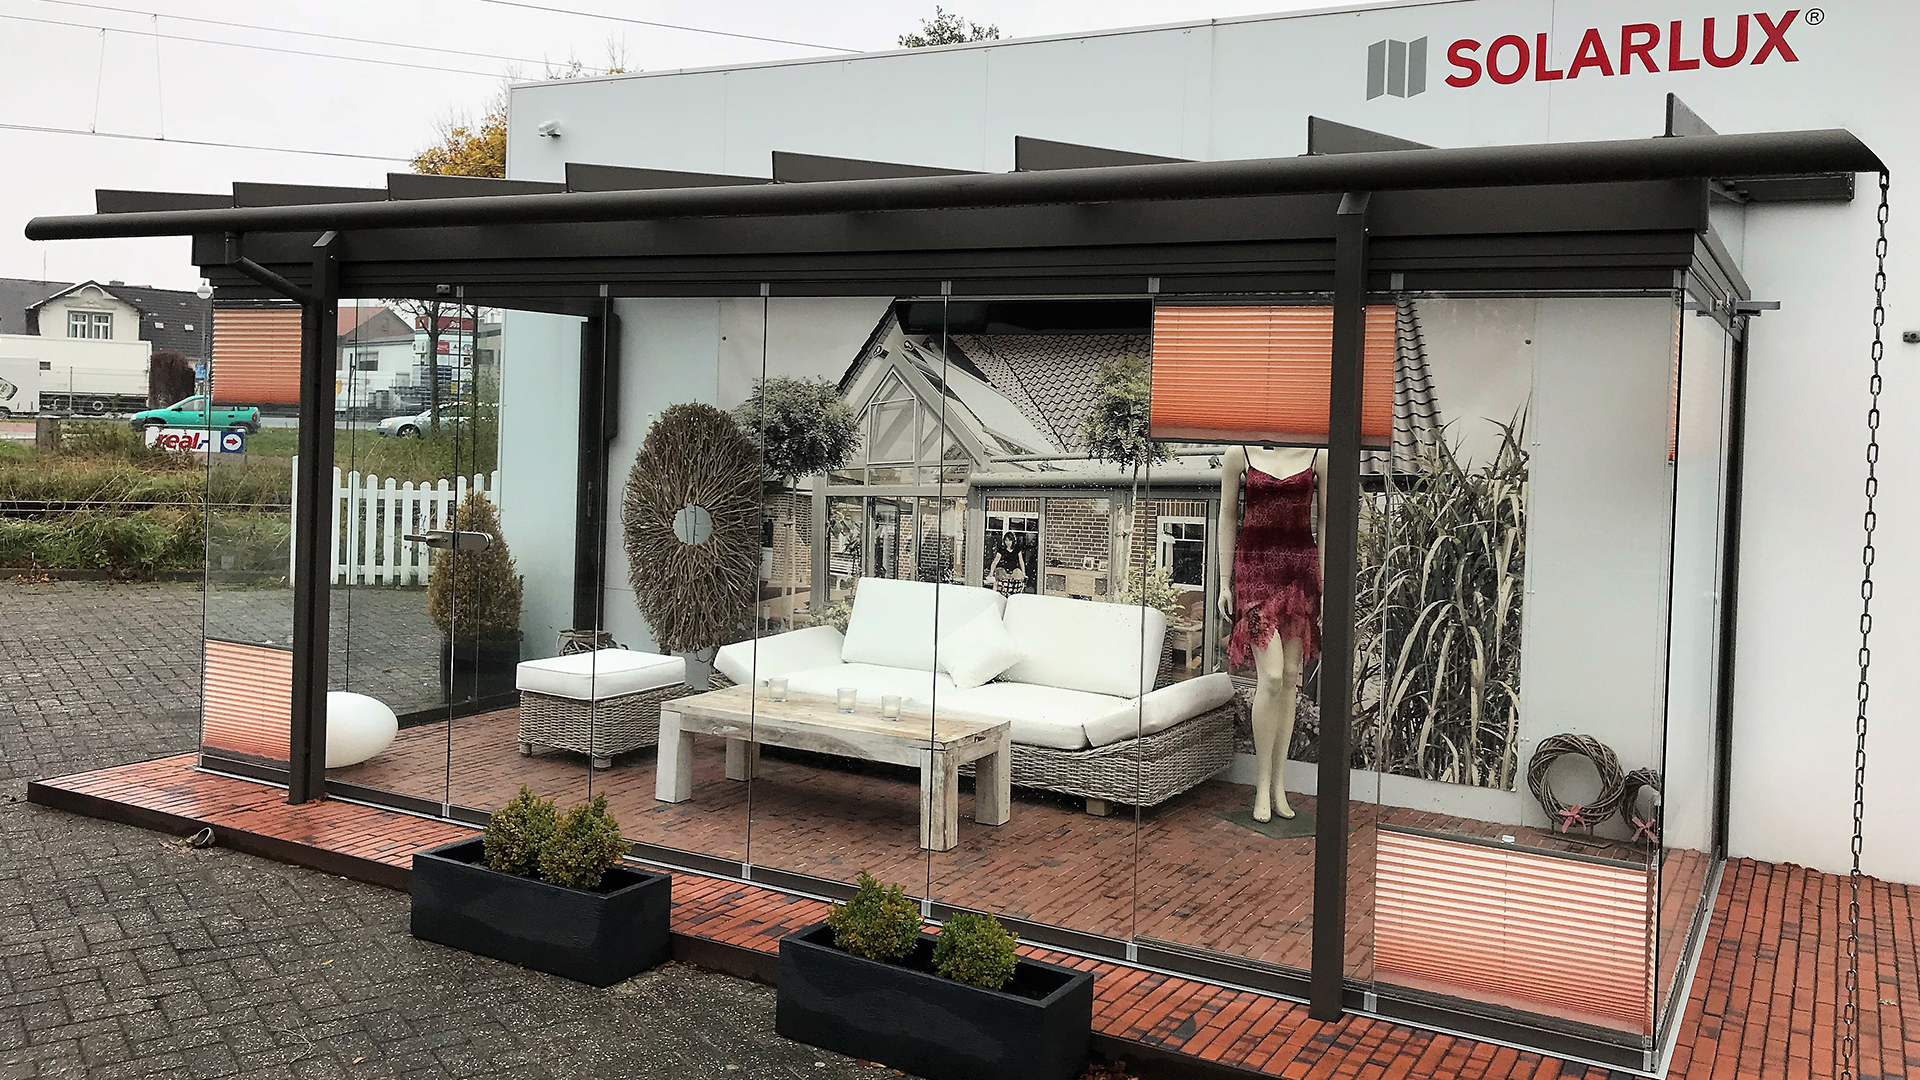 Glashaus von Solarlux in der Ausstellung von de Jonge in Norden